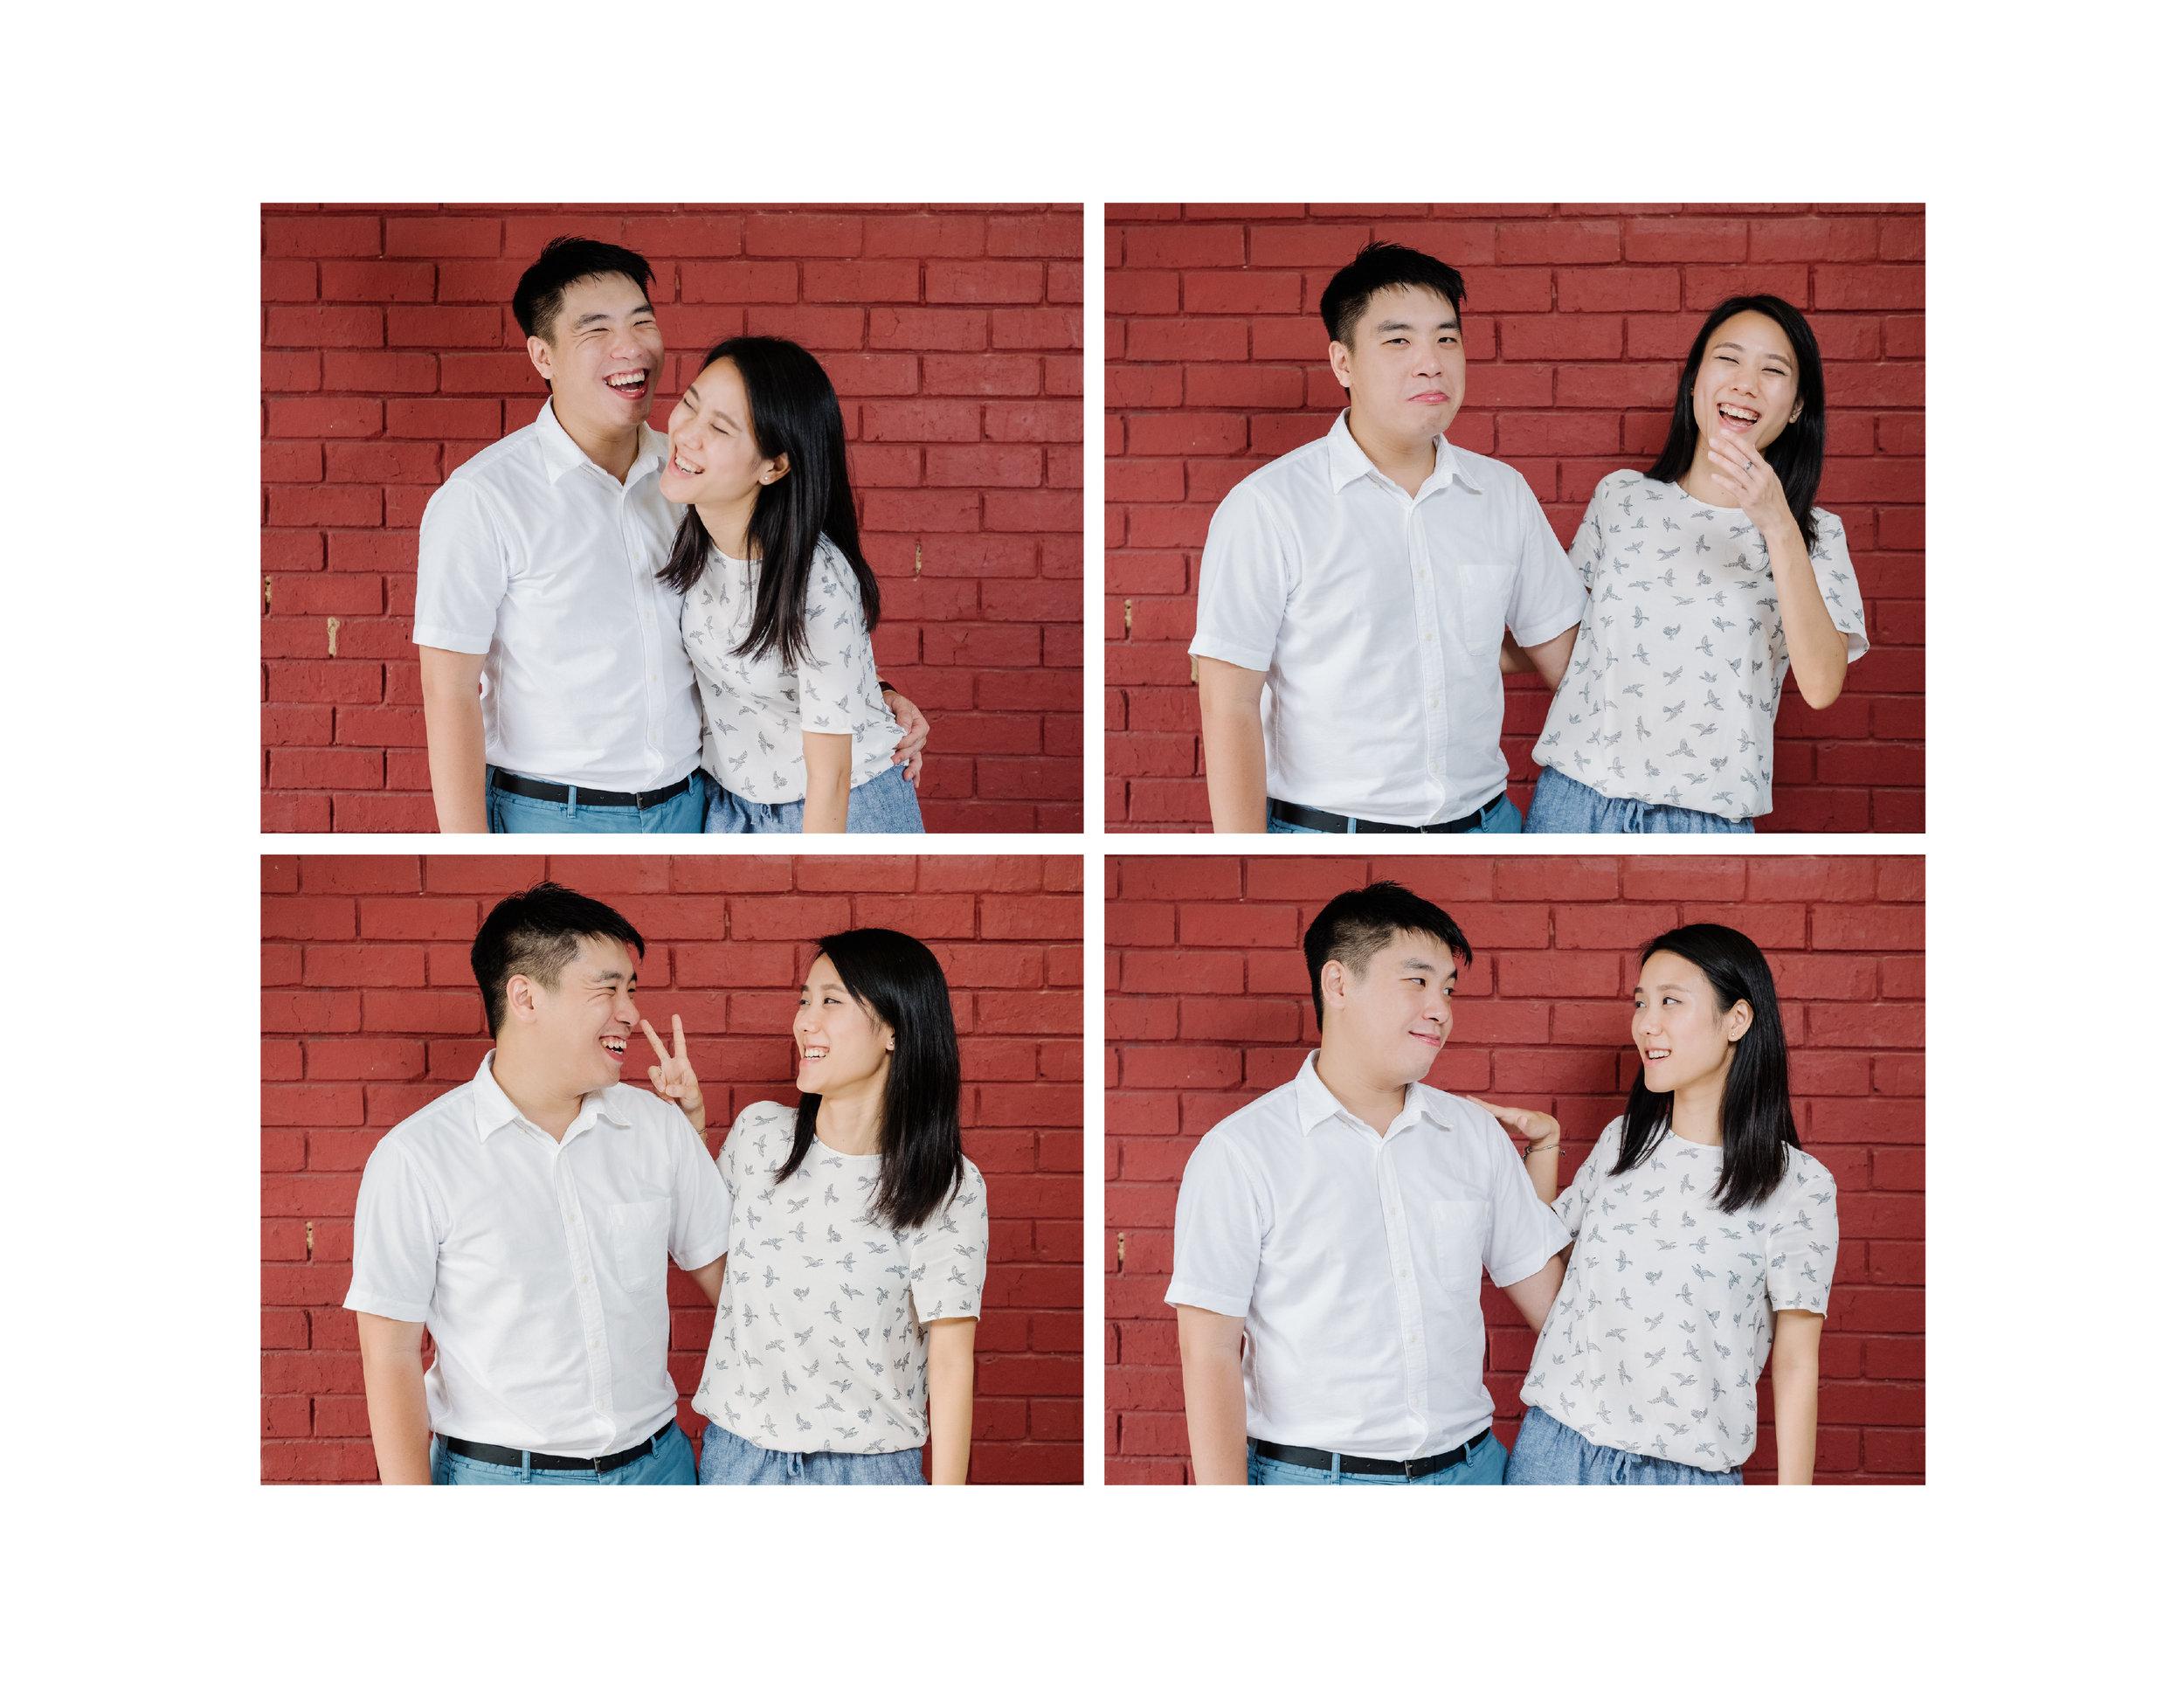 Joseph & Siu Wen_11x8.5in_8.jpg